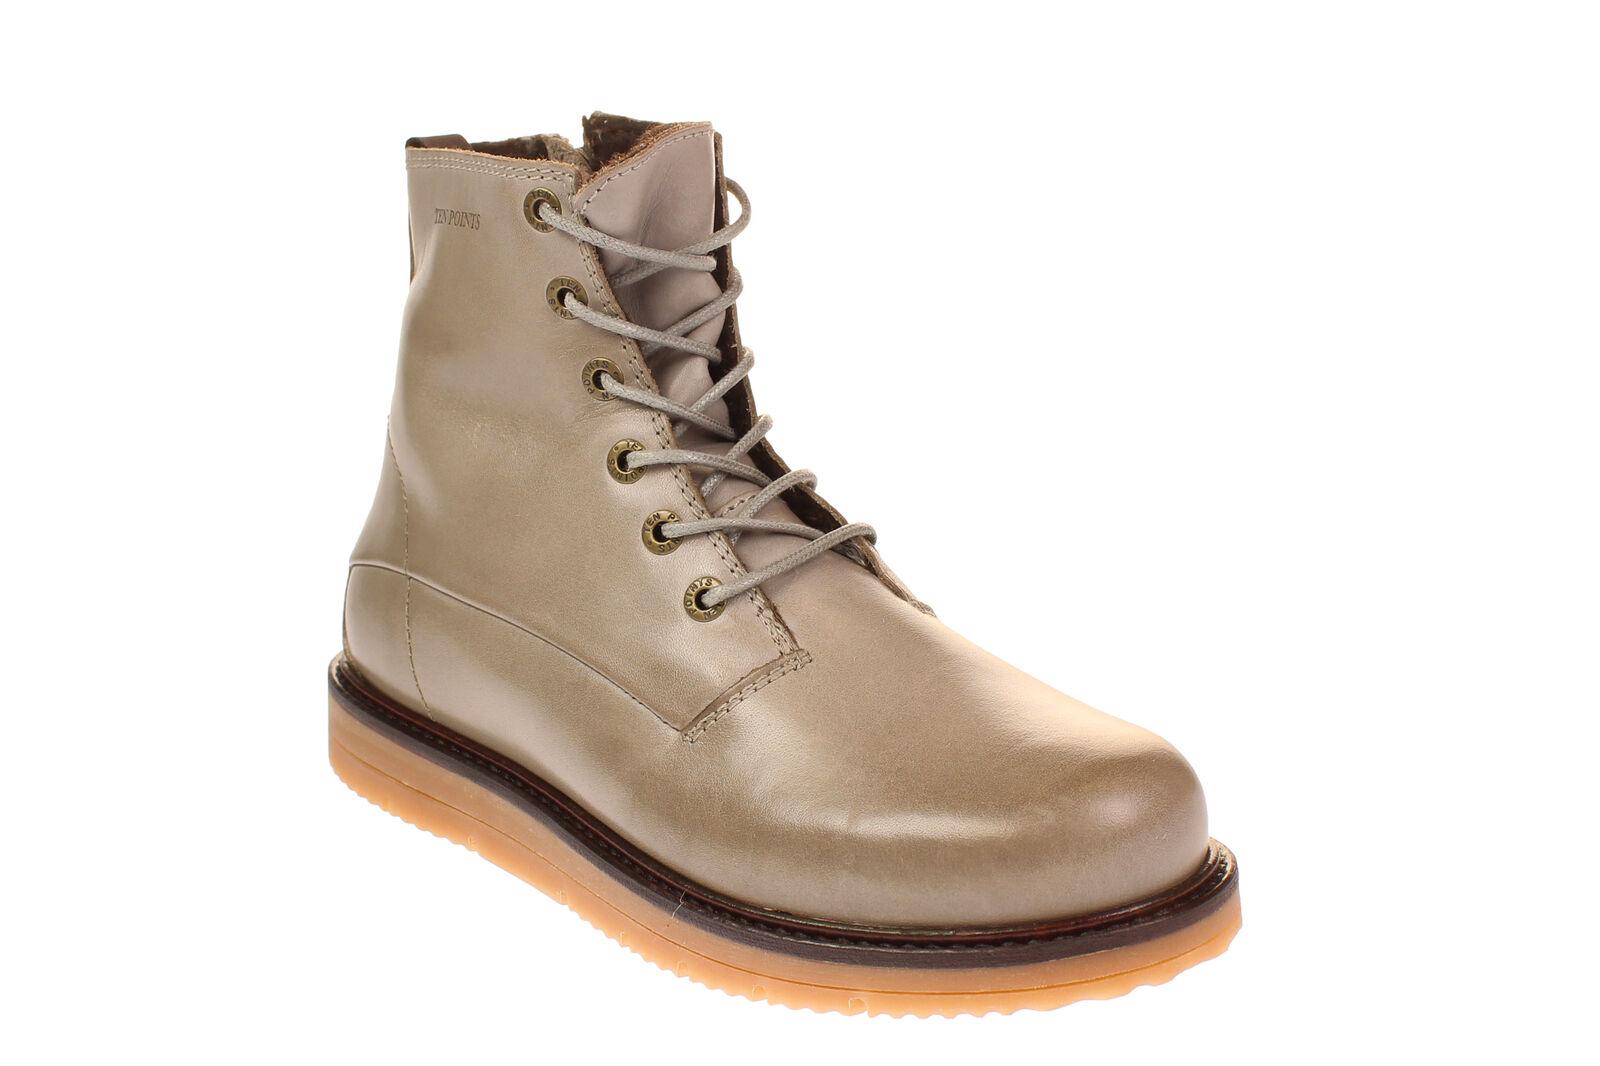 Ten points 386006 Carina-señora zapatos botín - - - 356-Taupe  ahorra 50% -75% de descuento